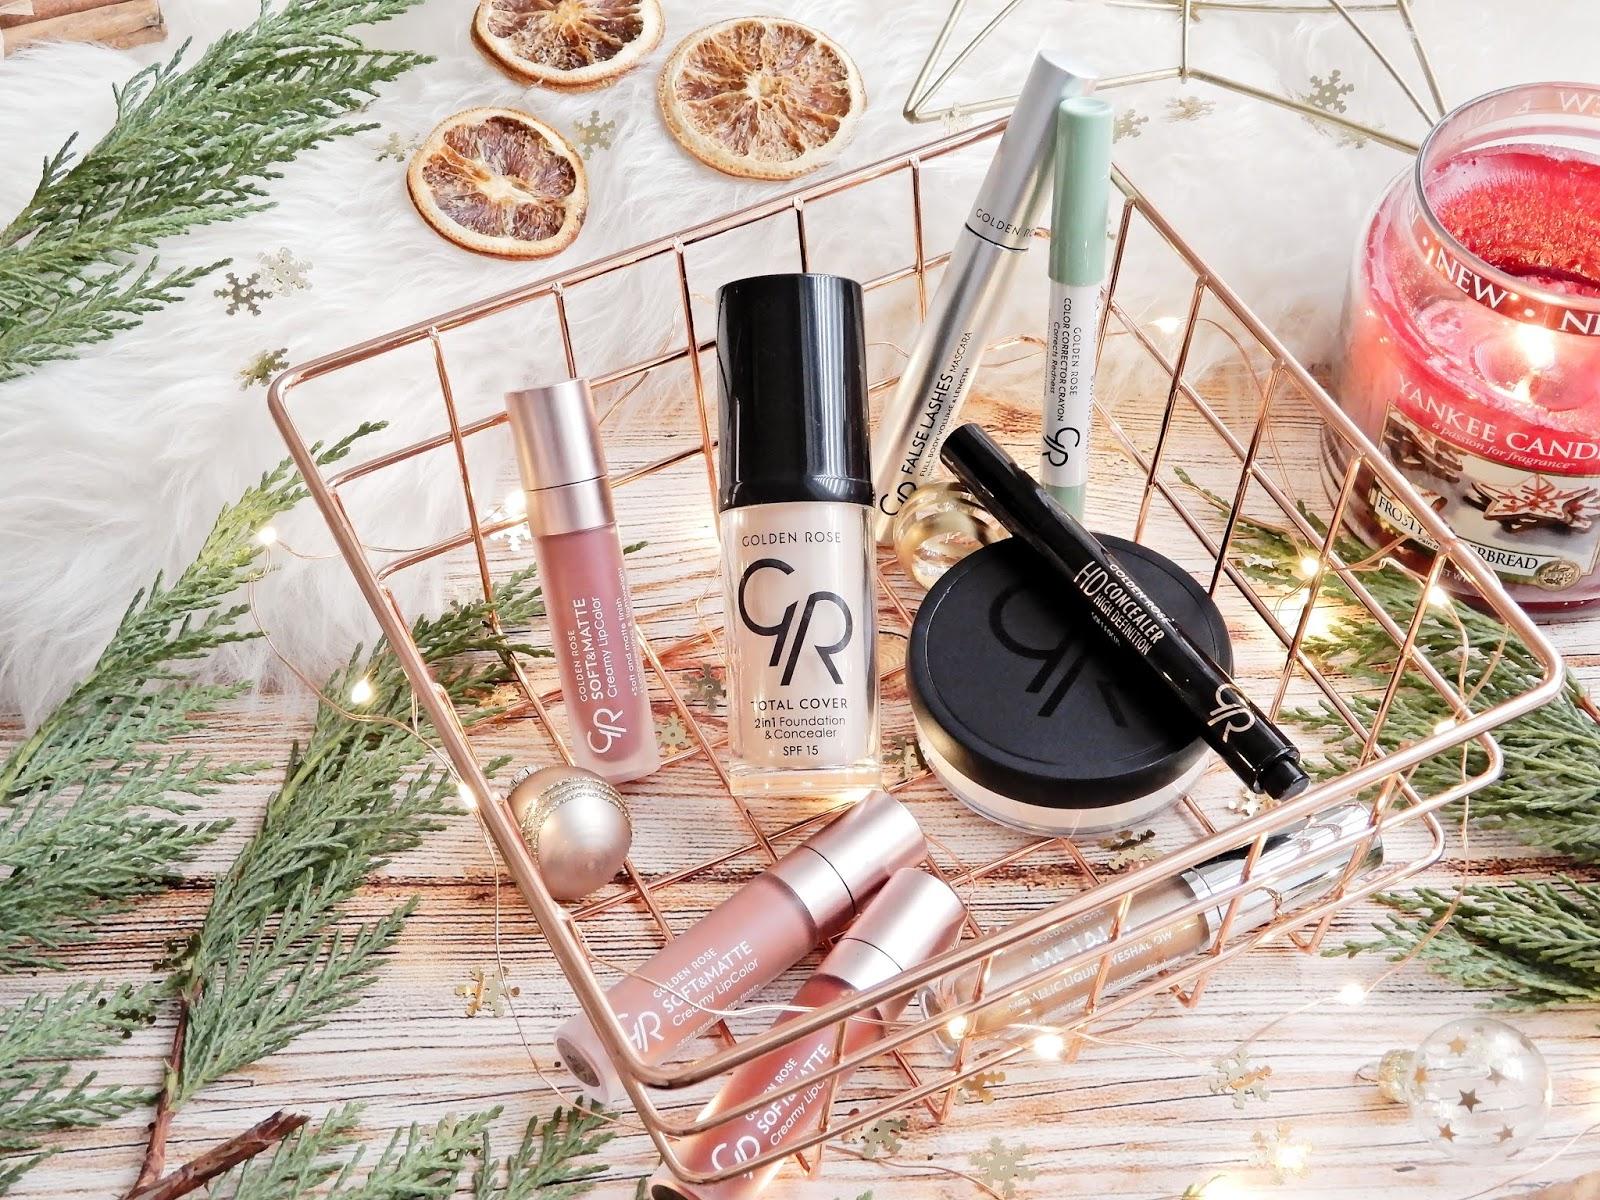 Świąteczny makijaż z Golden Rose ❄